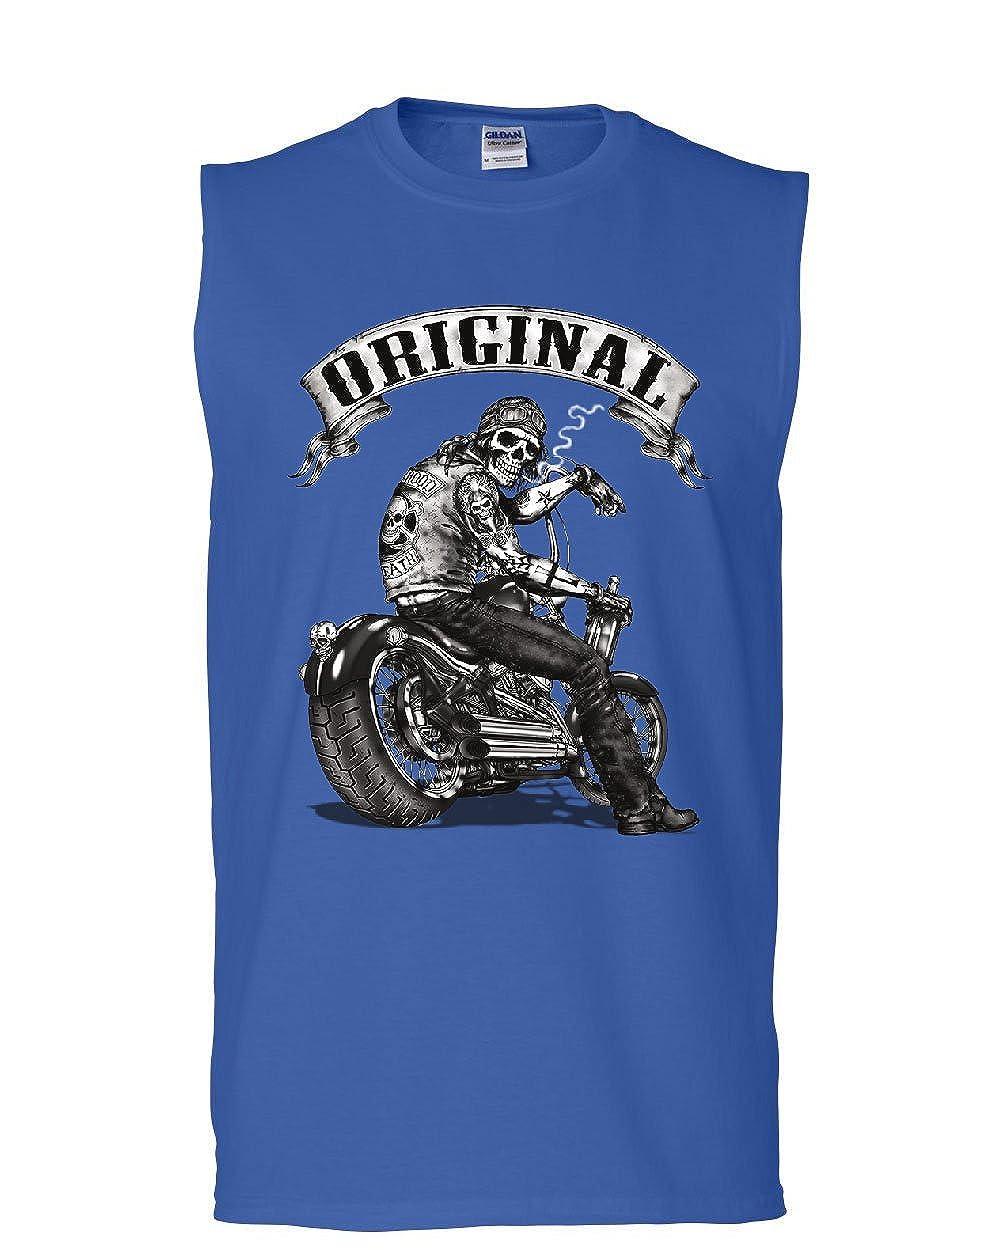 Tee Hunt Original Biker Skull Muscle Shirt Ride or Die Route 66 Motorcycle MC Sleeveless